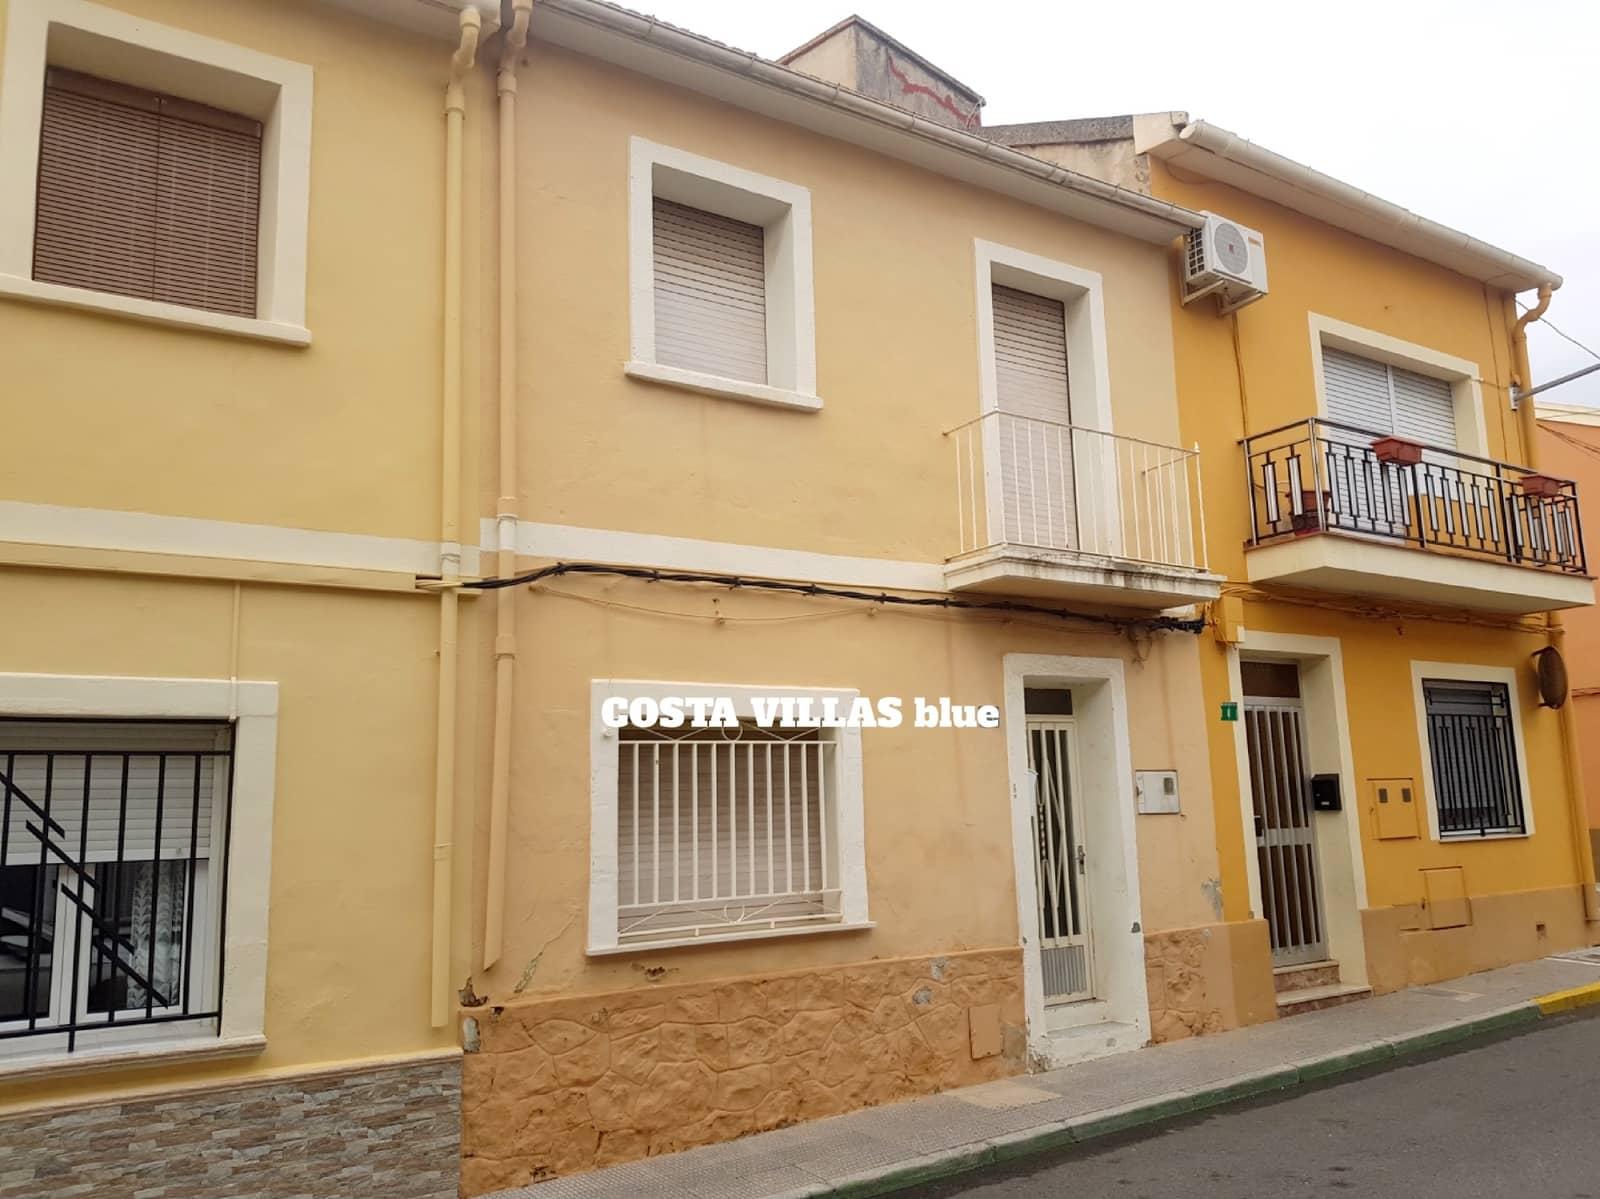 Casa de 4 habitaciones en Beniarbeig en venta - 87.000 € (Ref: 5083653)